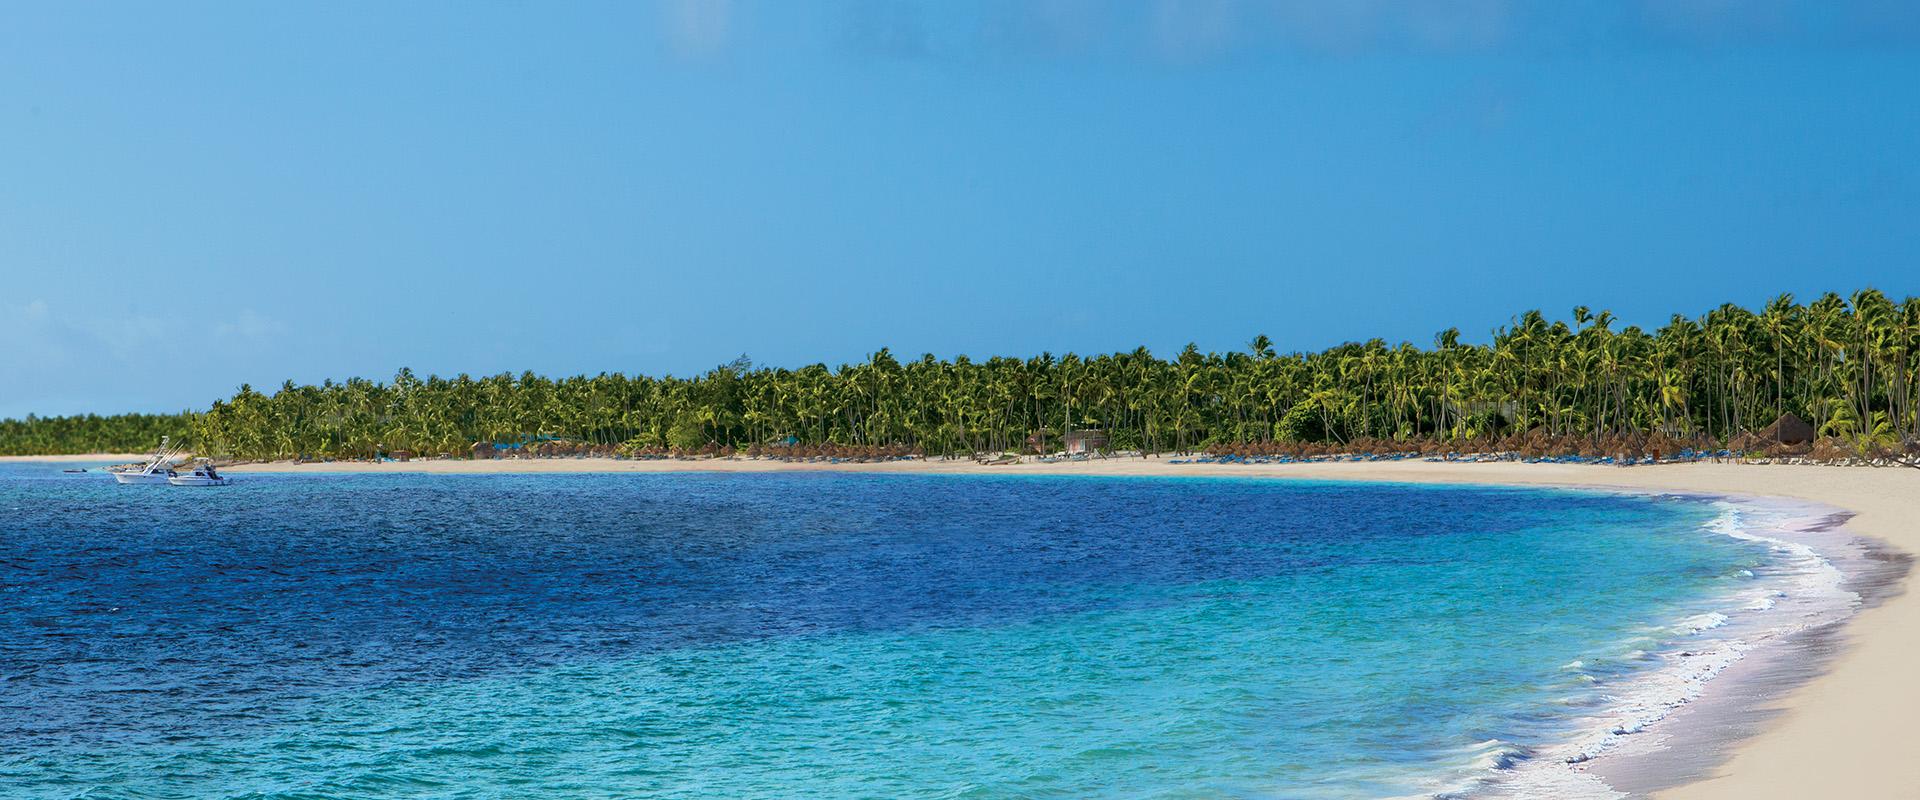 Punta-Cana-Header-Image